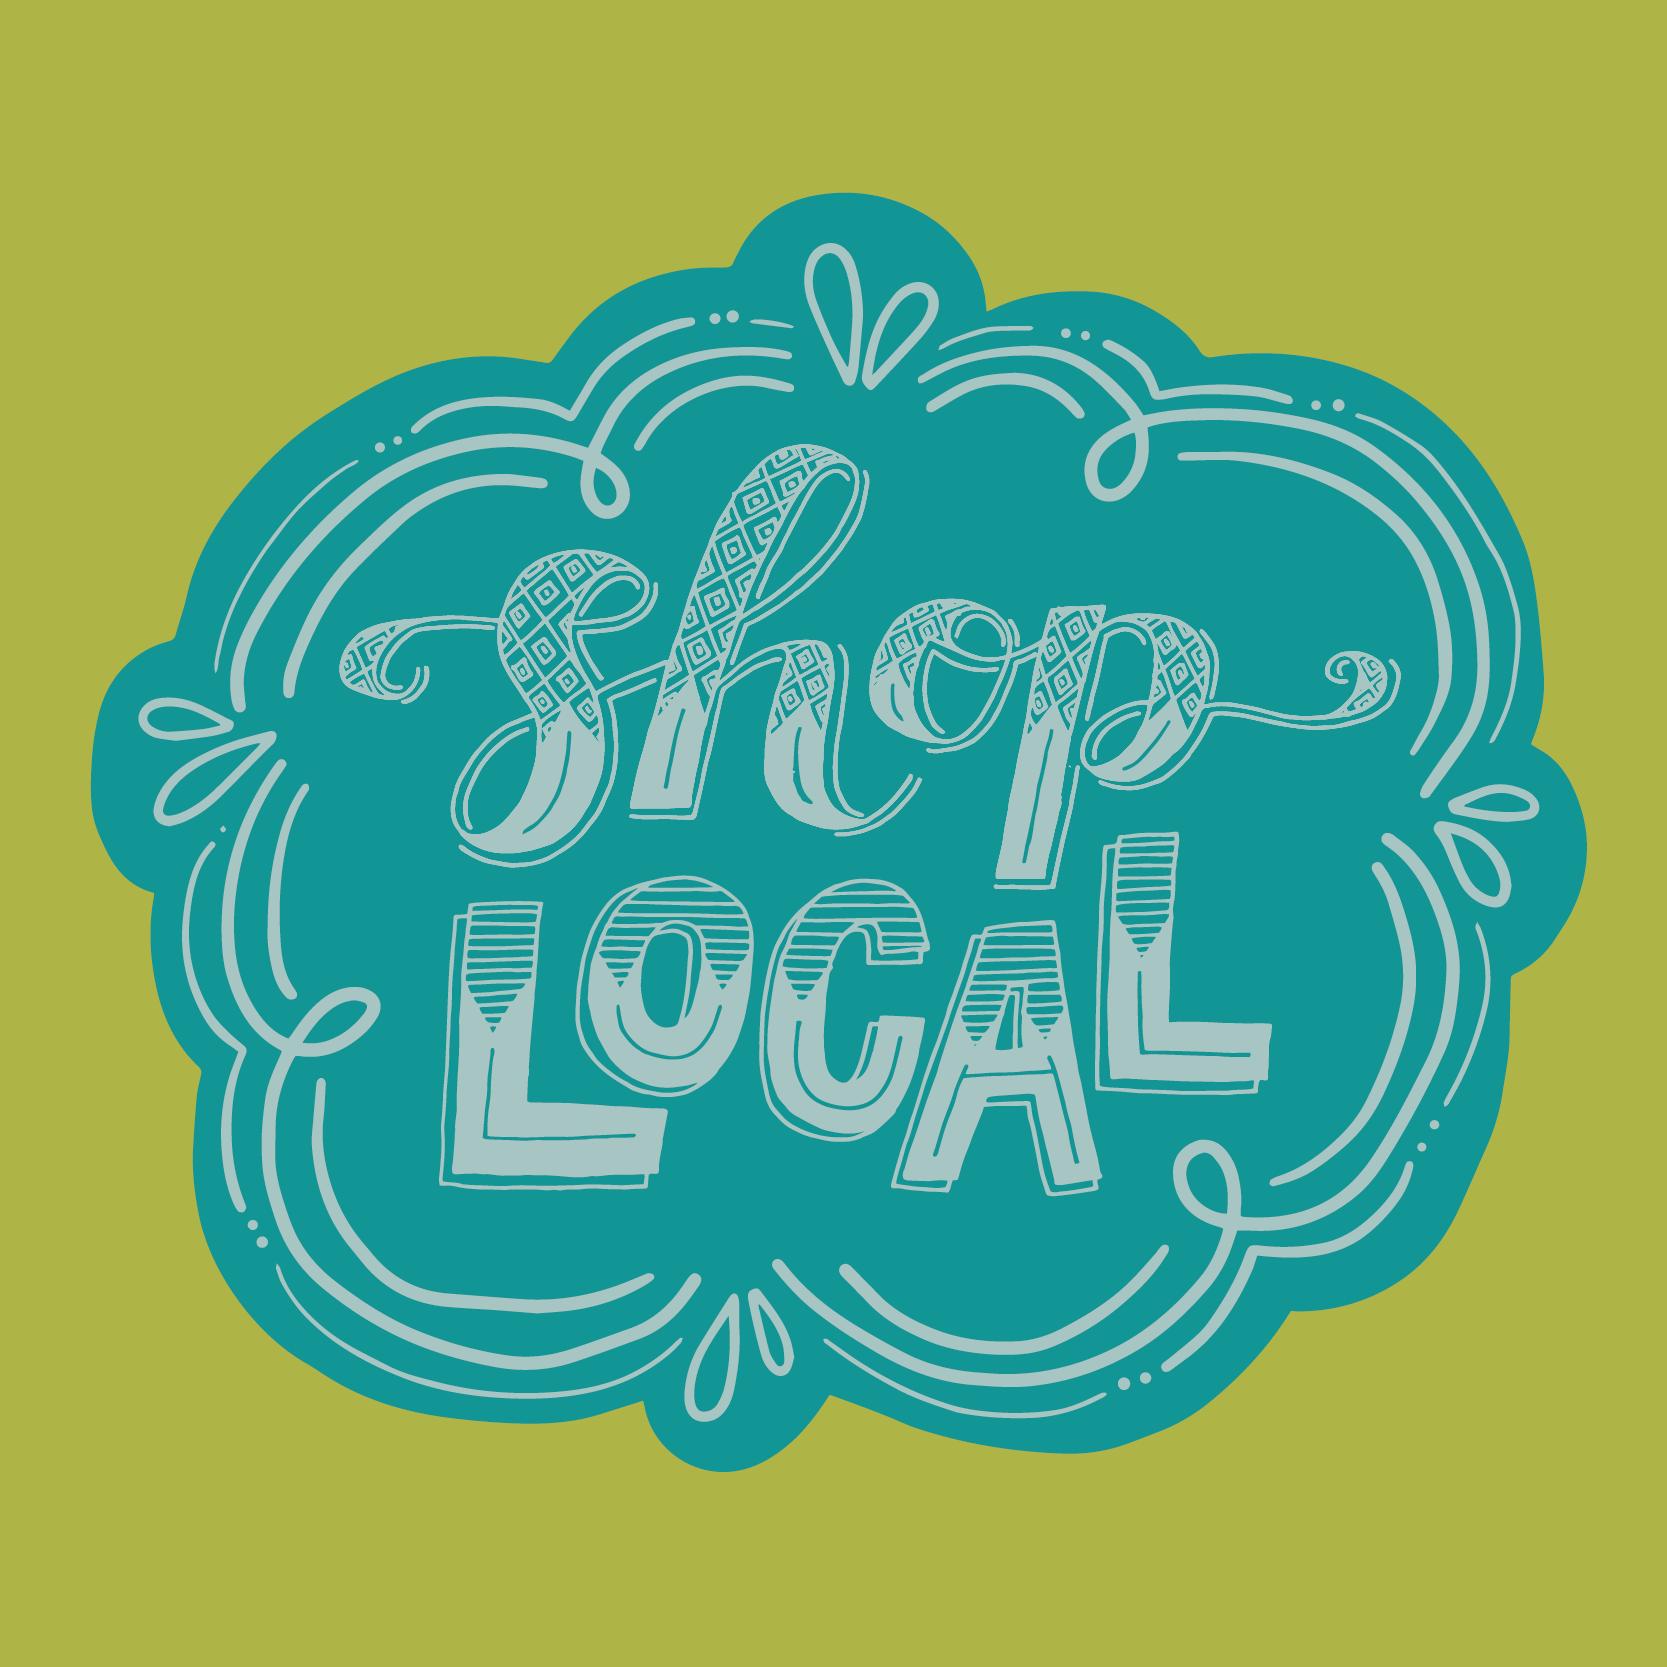 Shop Local Peoria Logo Design